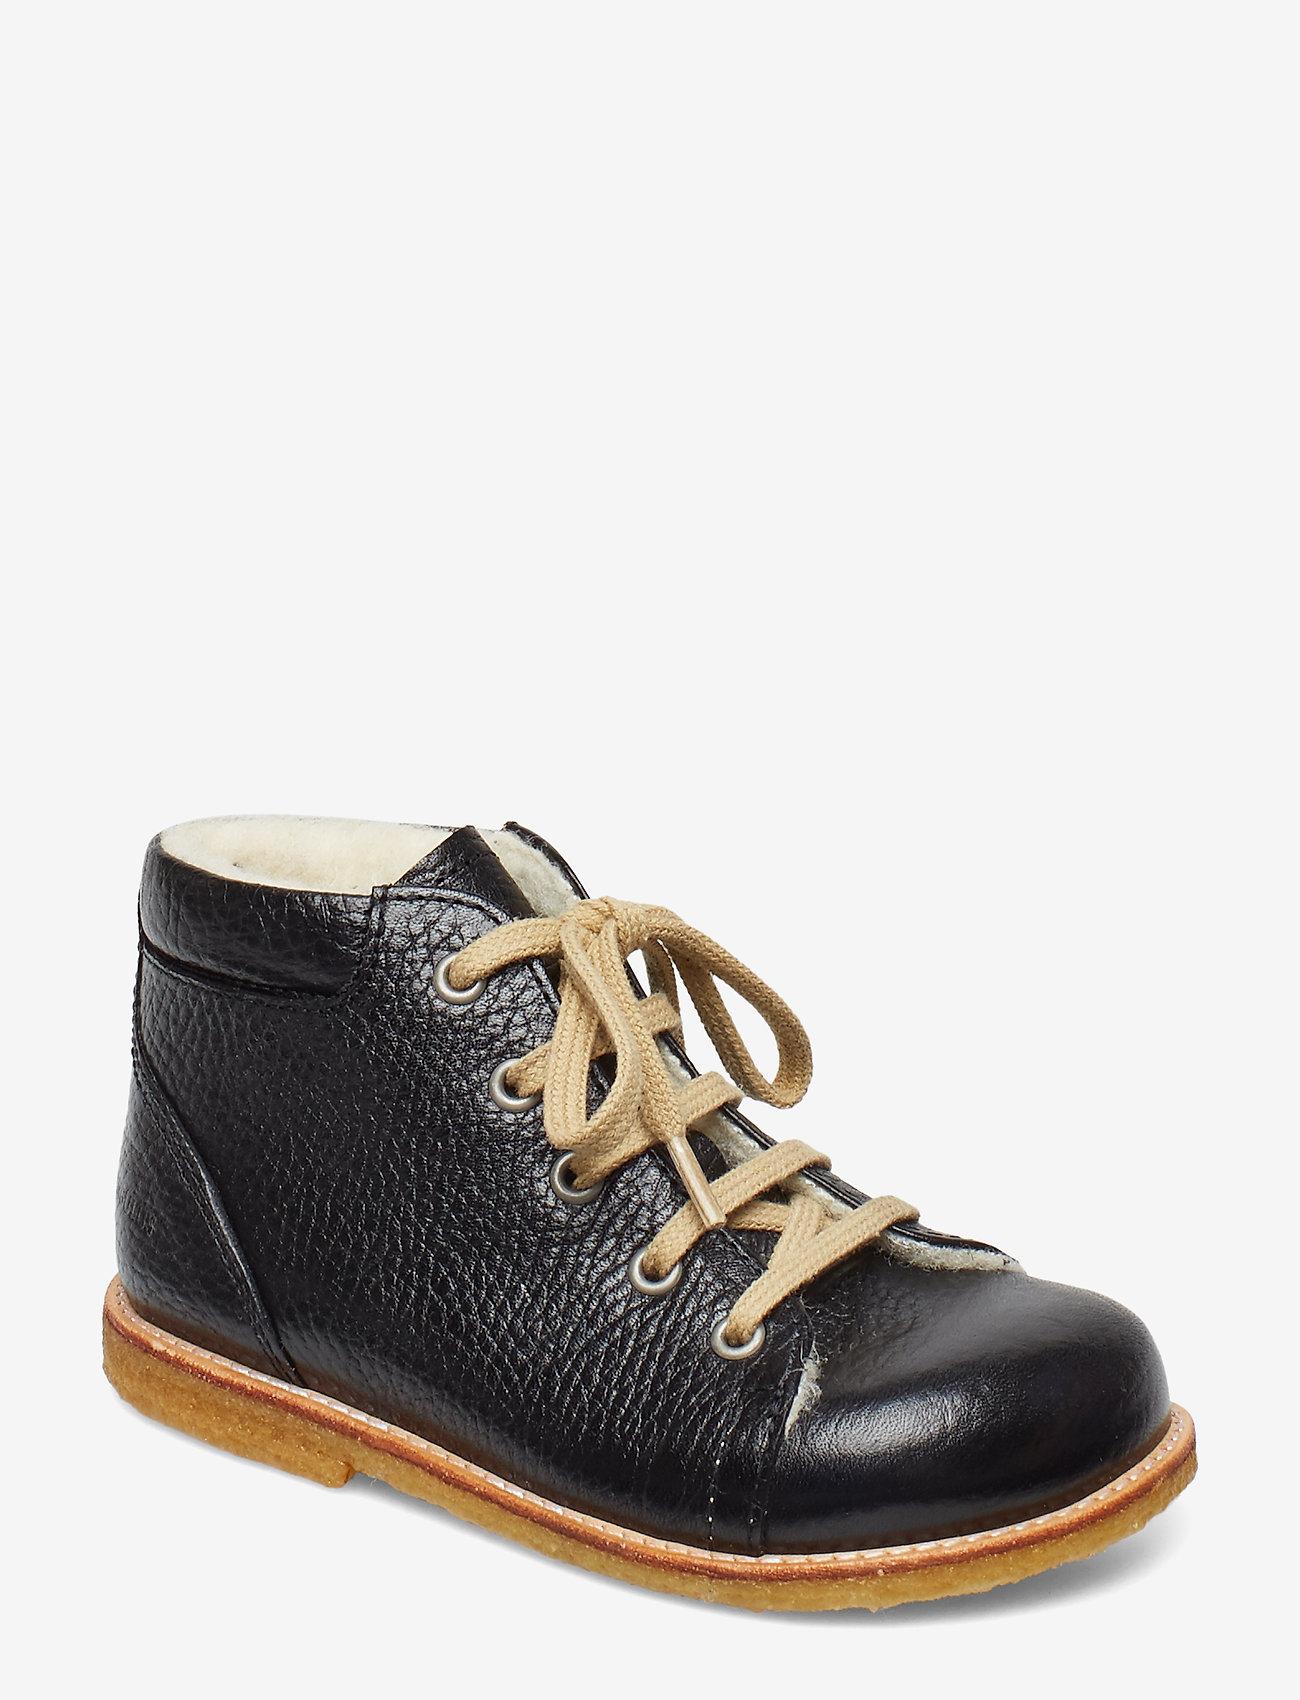 ANGULUS - 2434 - lær-å-gå-sko - 2504 black - 0